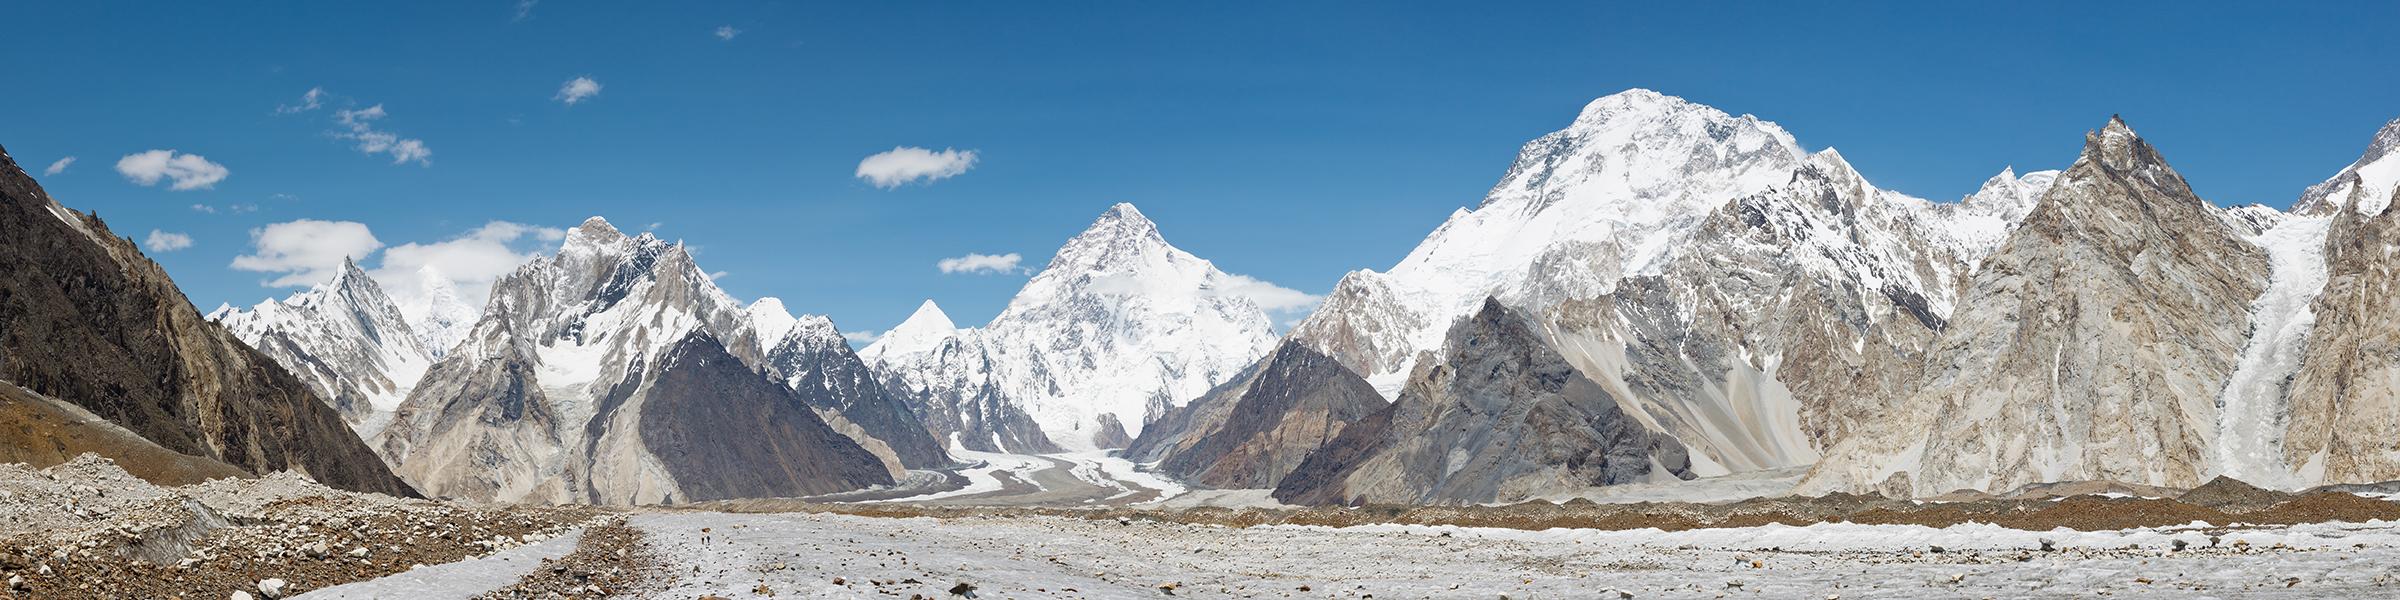 Pakistan Karakoram Baltoro Glacier K2